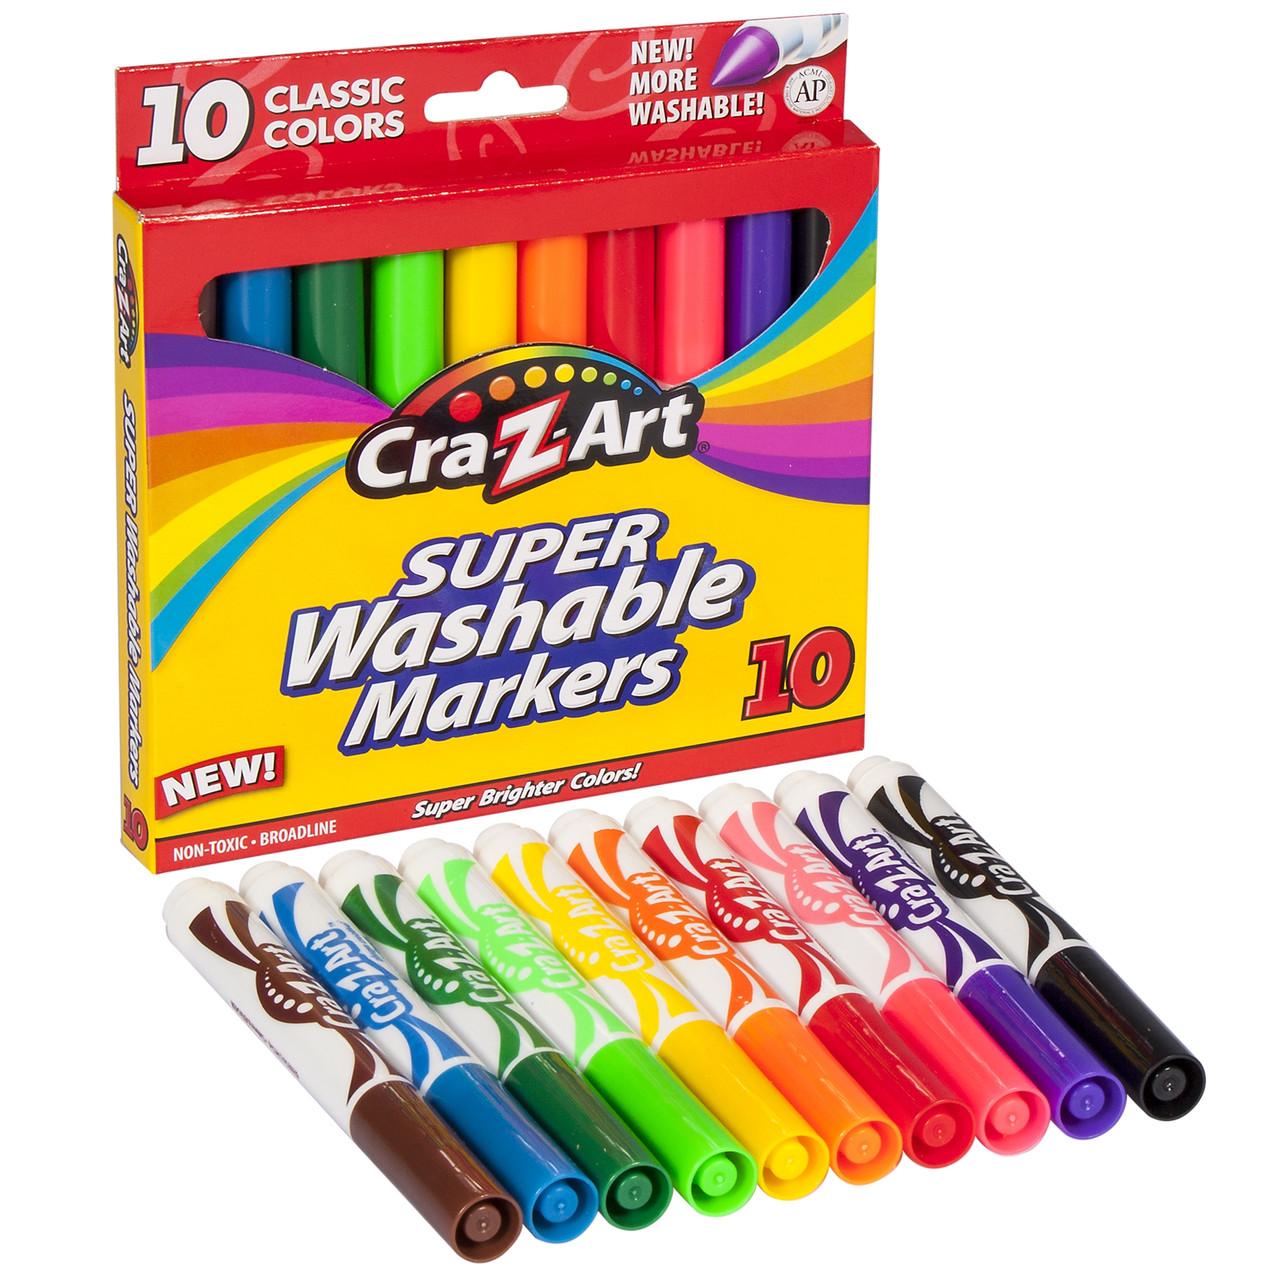 Фломастеры, маркеры смываемые 10 цветов Cra-Z-Art Washable Markers 10 Count